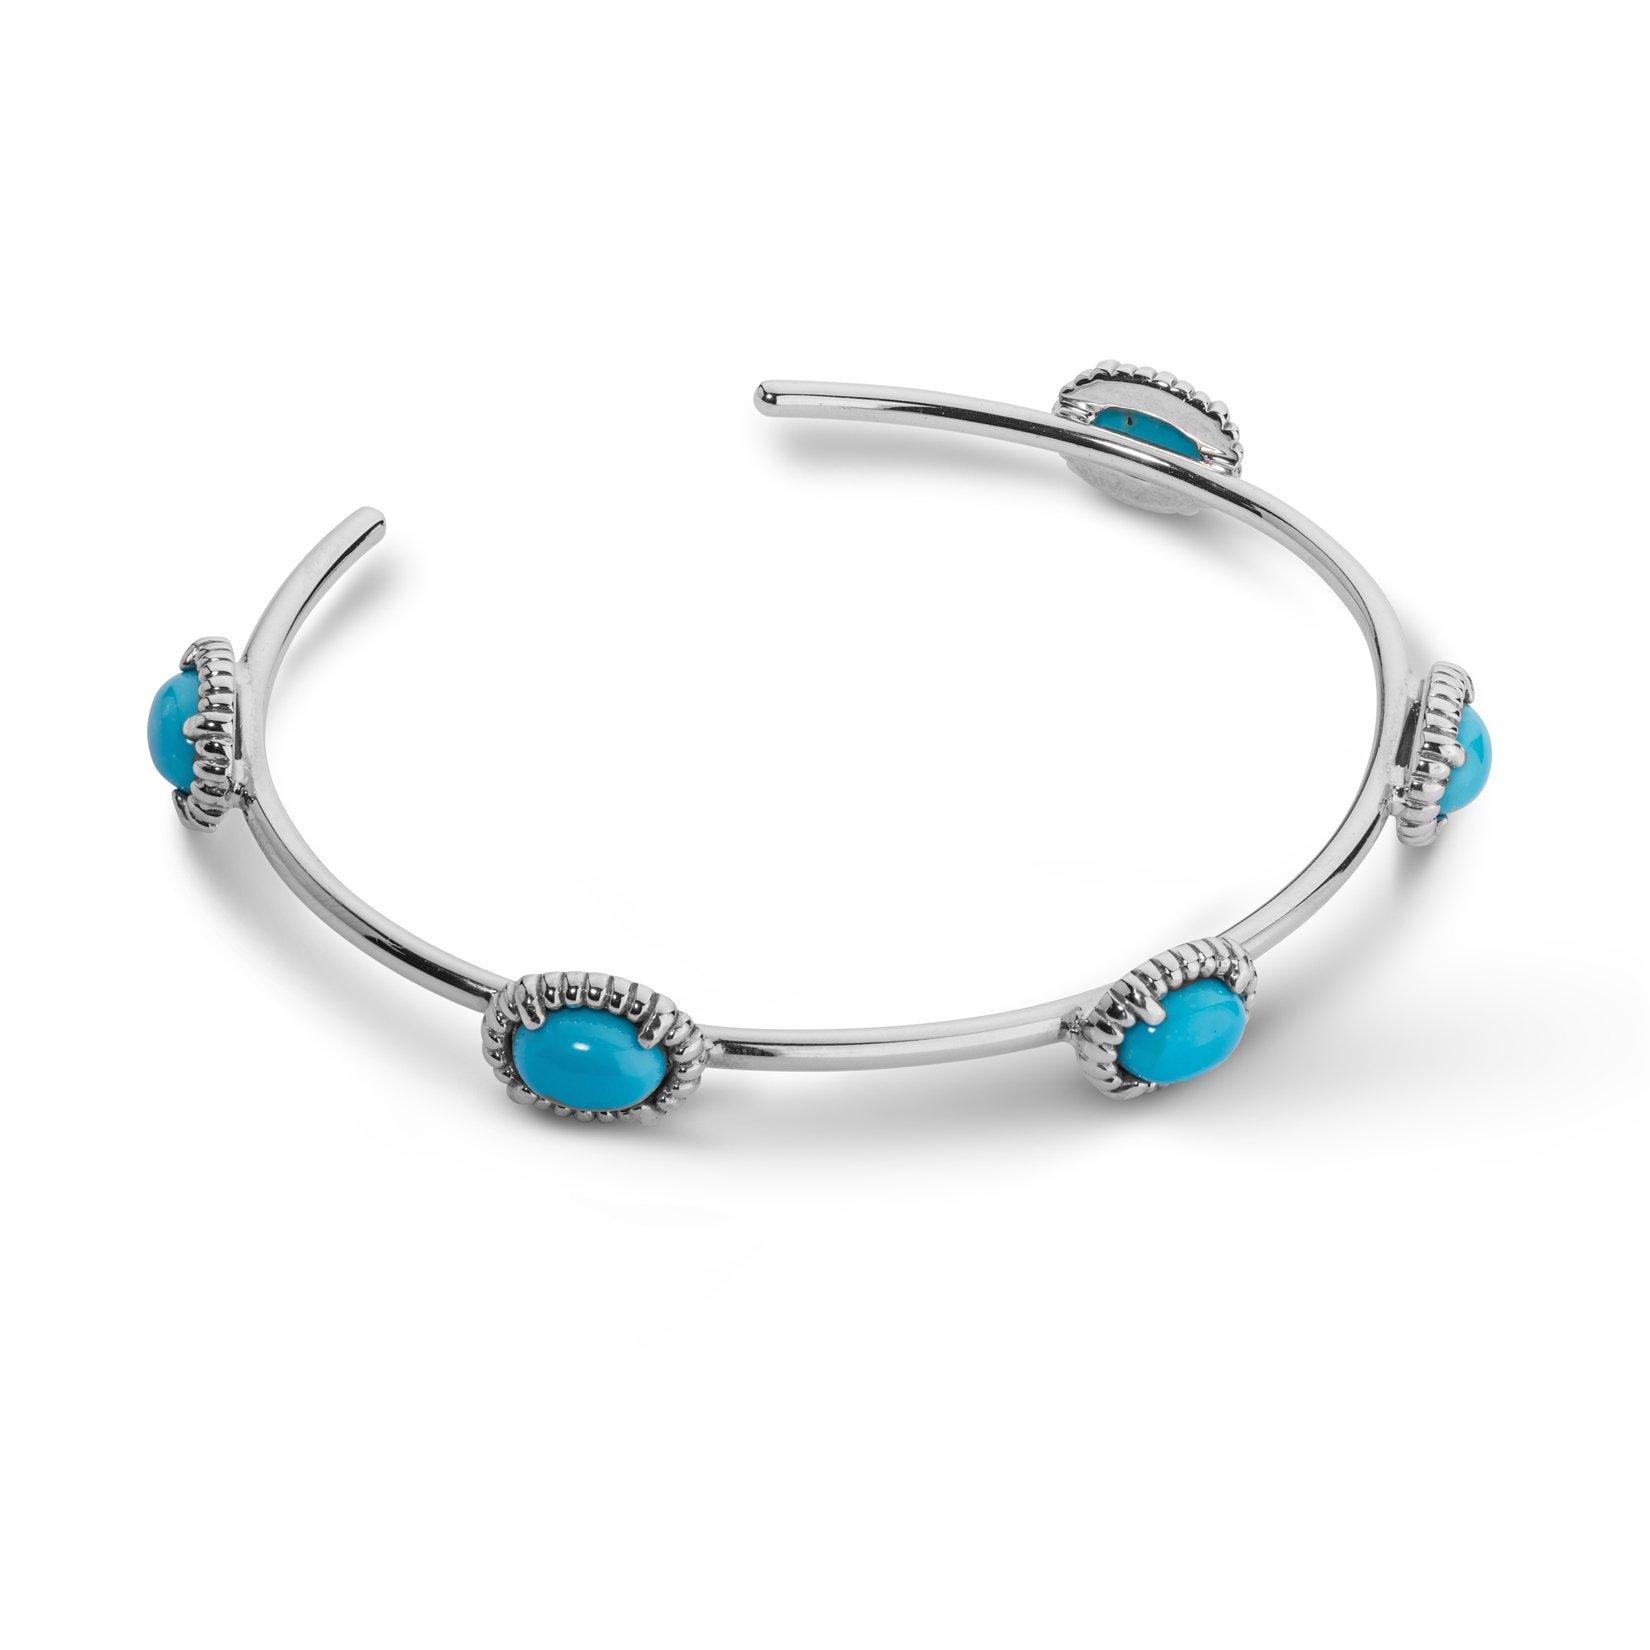 JEN Sterling Silver & Turquoise Five Stone Cuff Bracelet